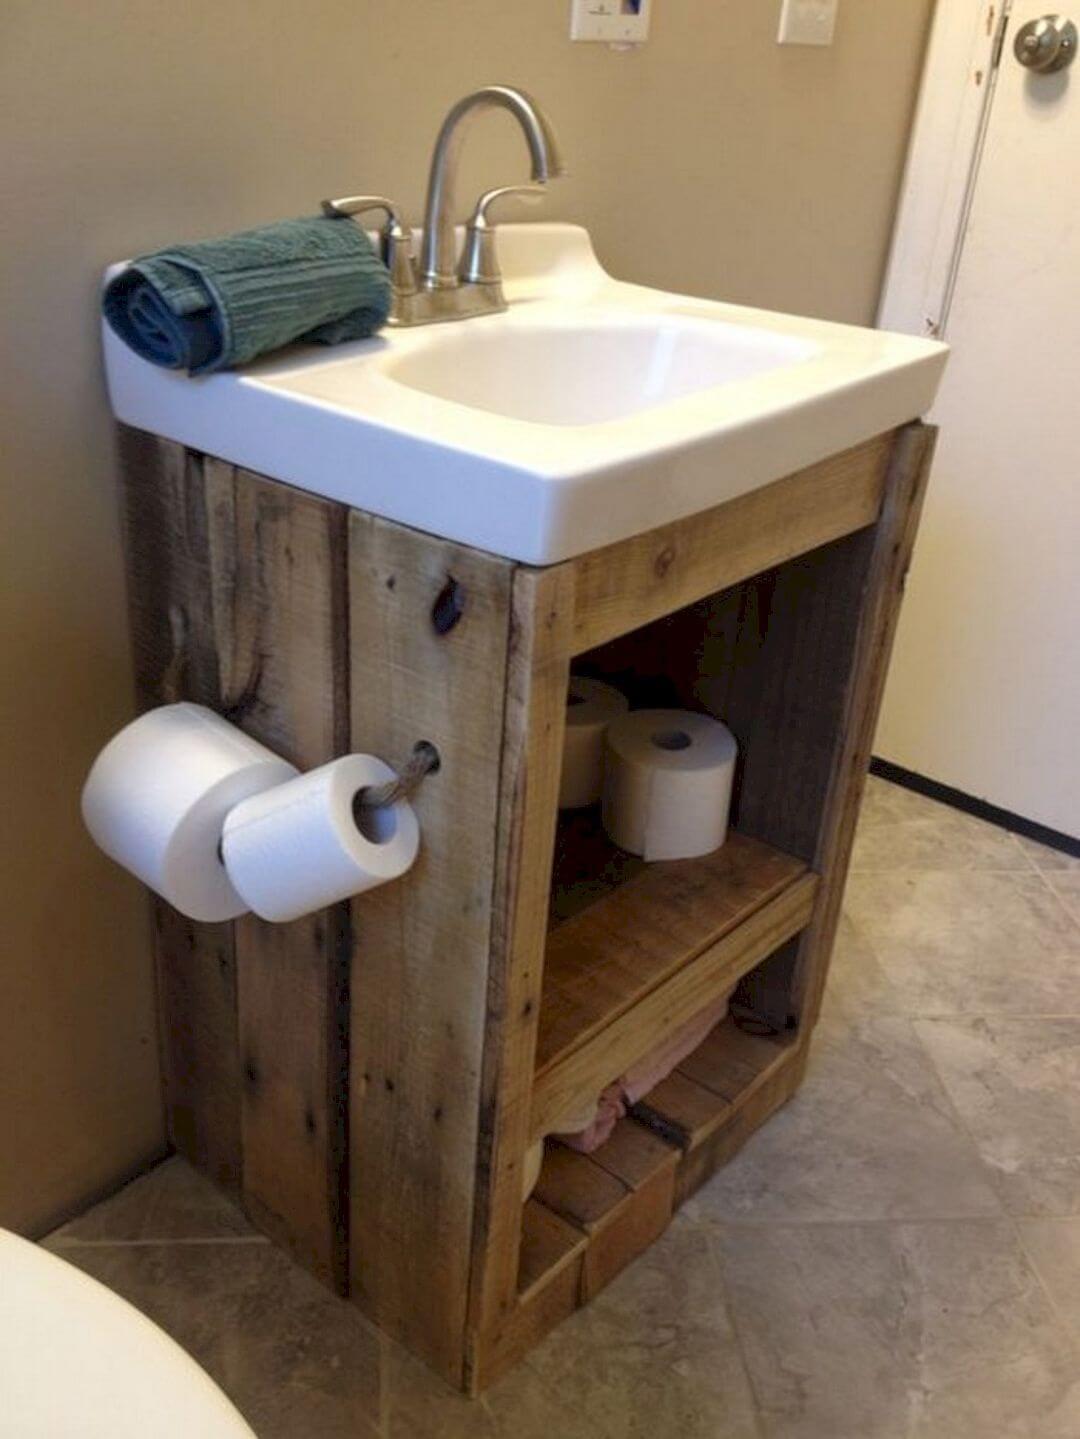 35 Rustikale Badezimmer Eitelkeits Ideen Zum Ihrer Nachsten Erneuerung Anzuregen Rustikale Bad Eitelkeiten Badezimmer Diy Badezimmer Holz